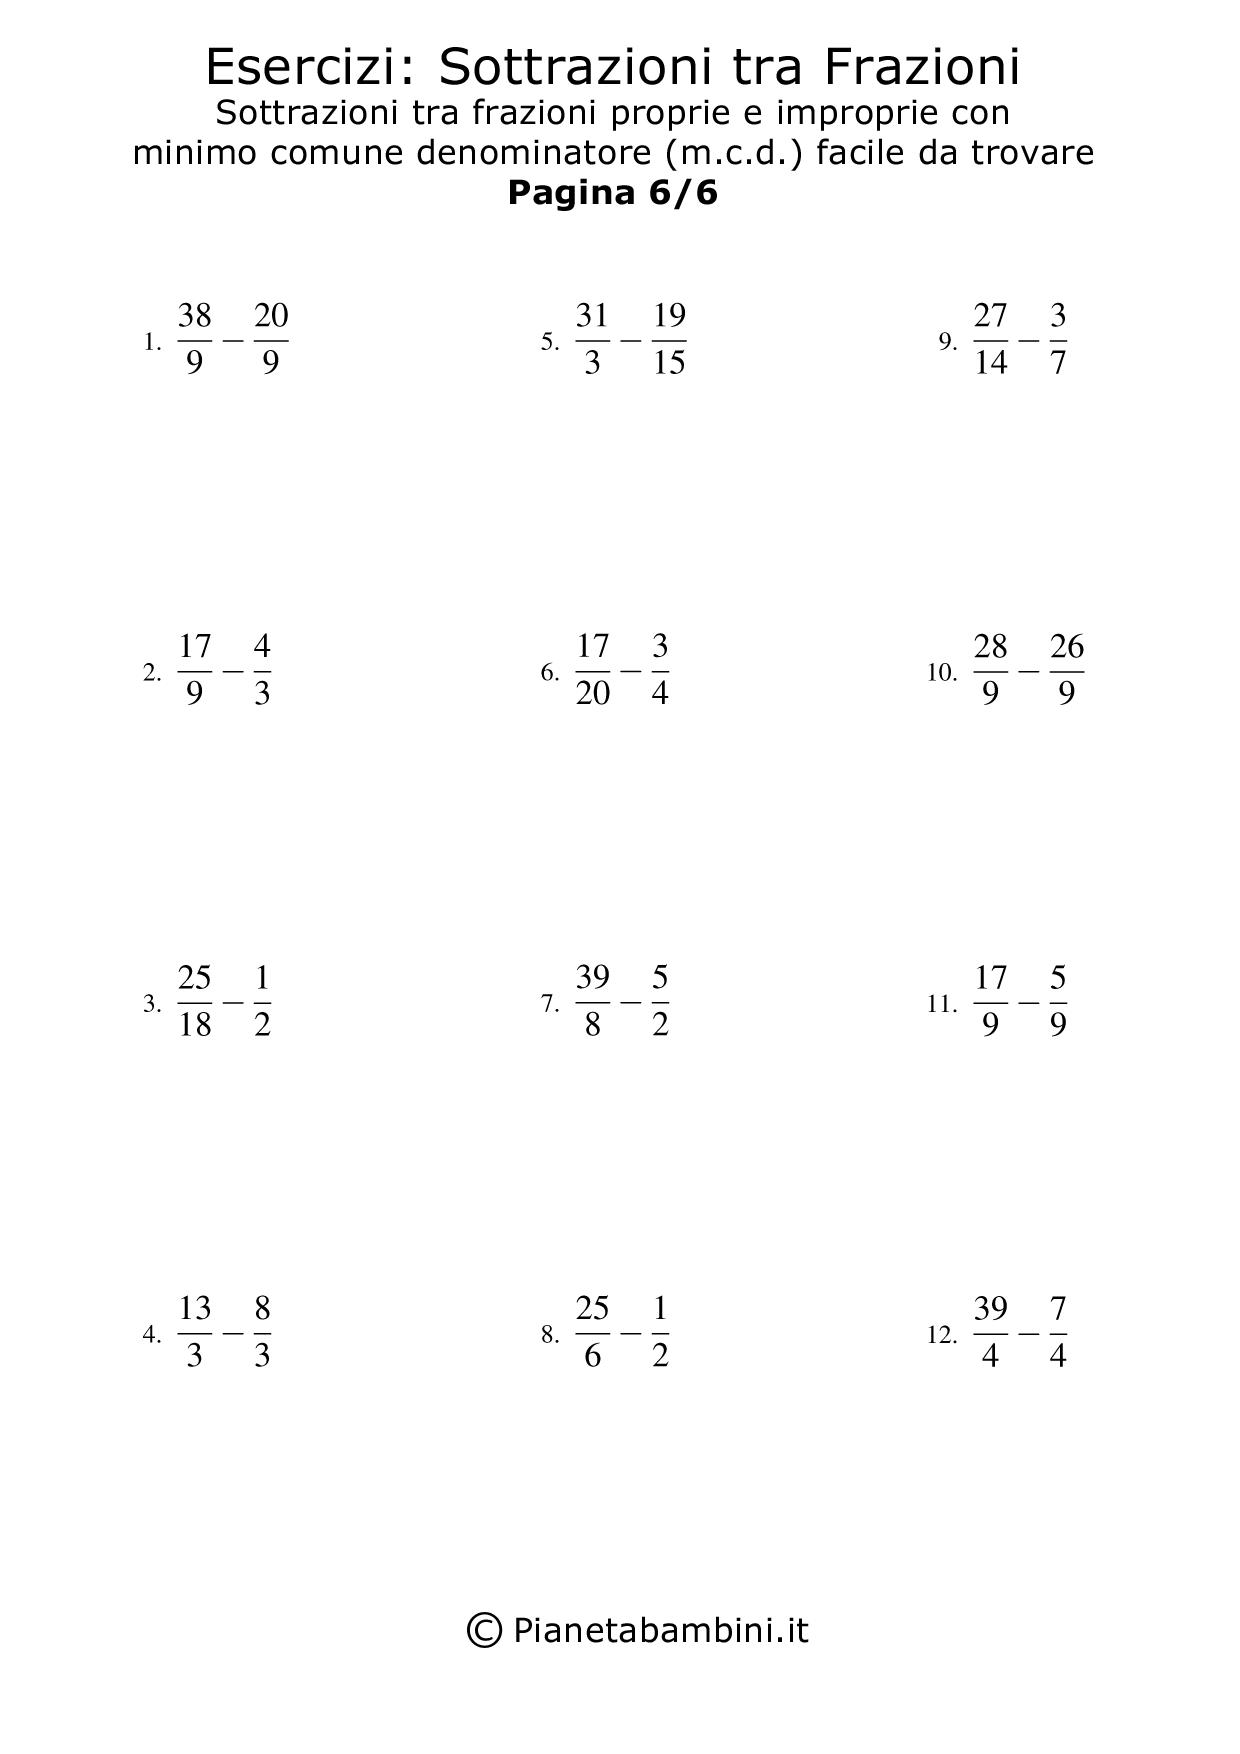 Sottrazioni-Frazioni-m.c.d.-Facile_6